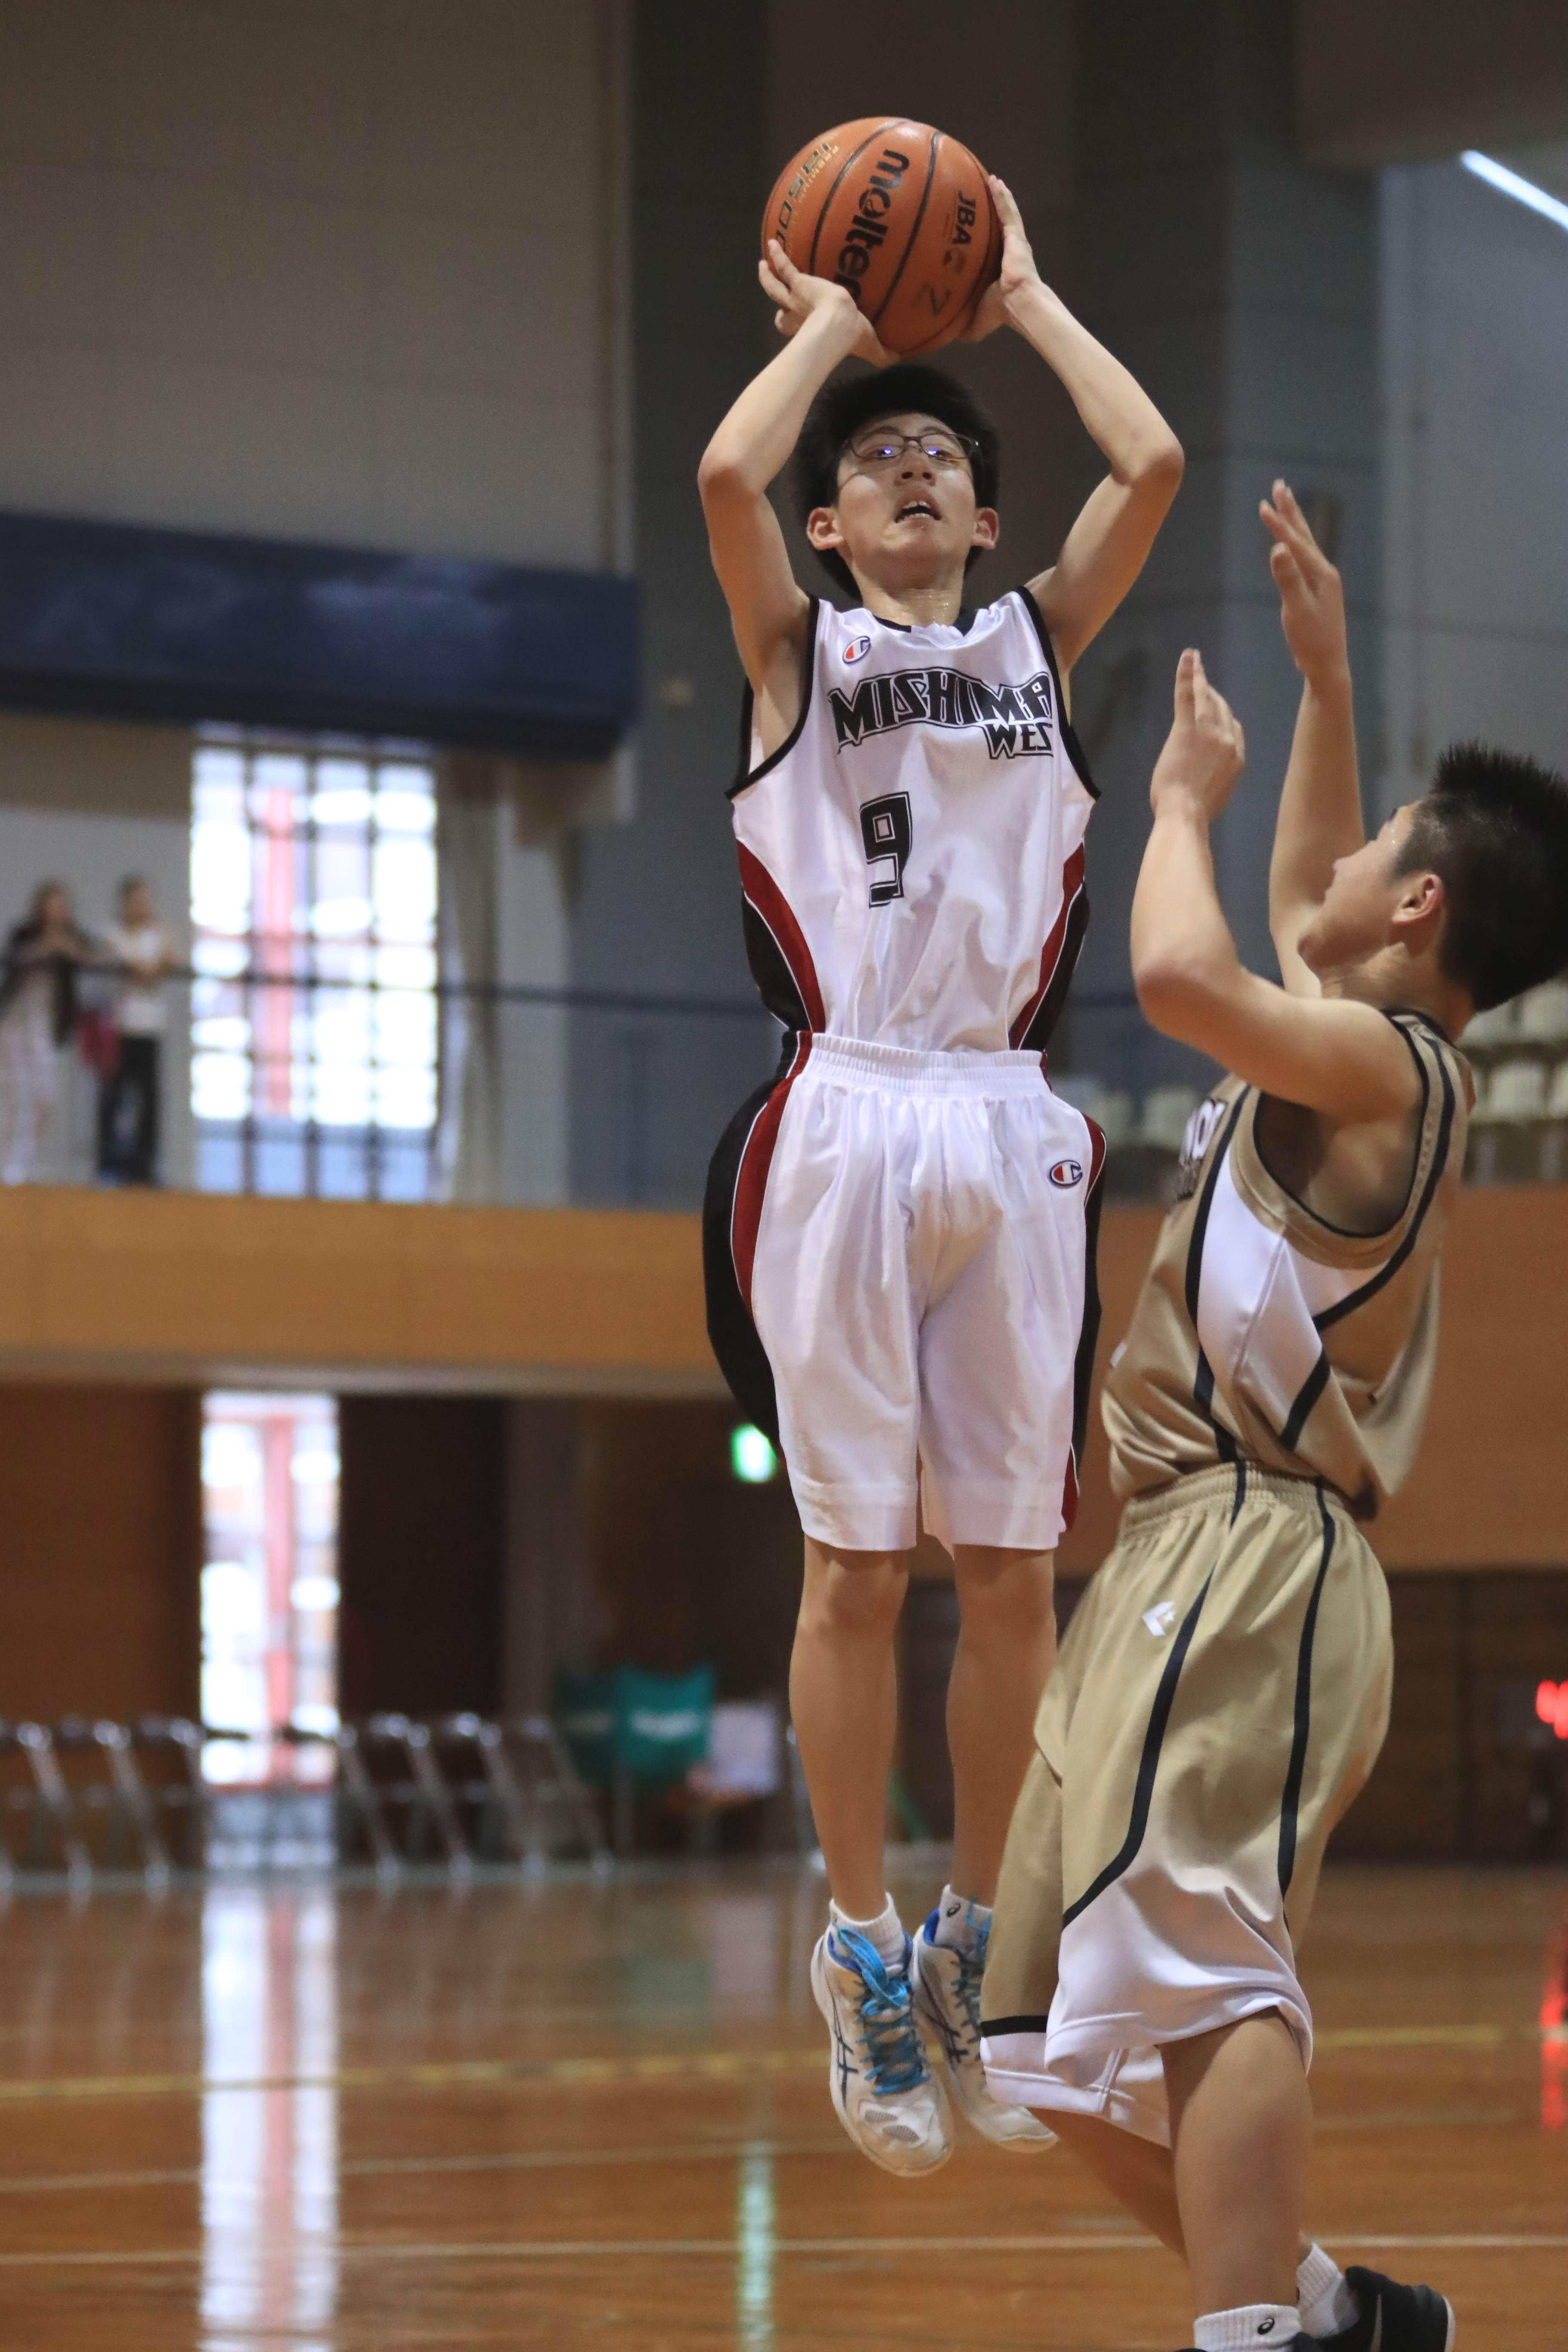 バスケットボール (46)